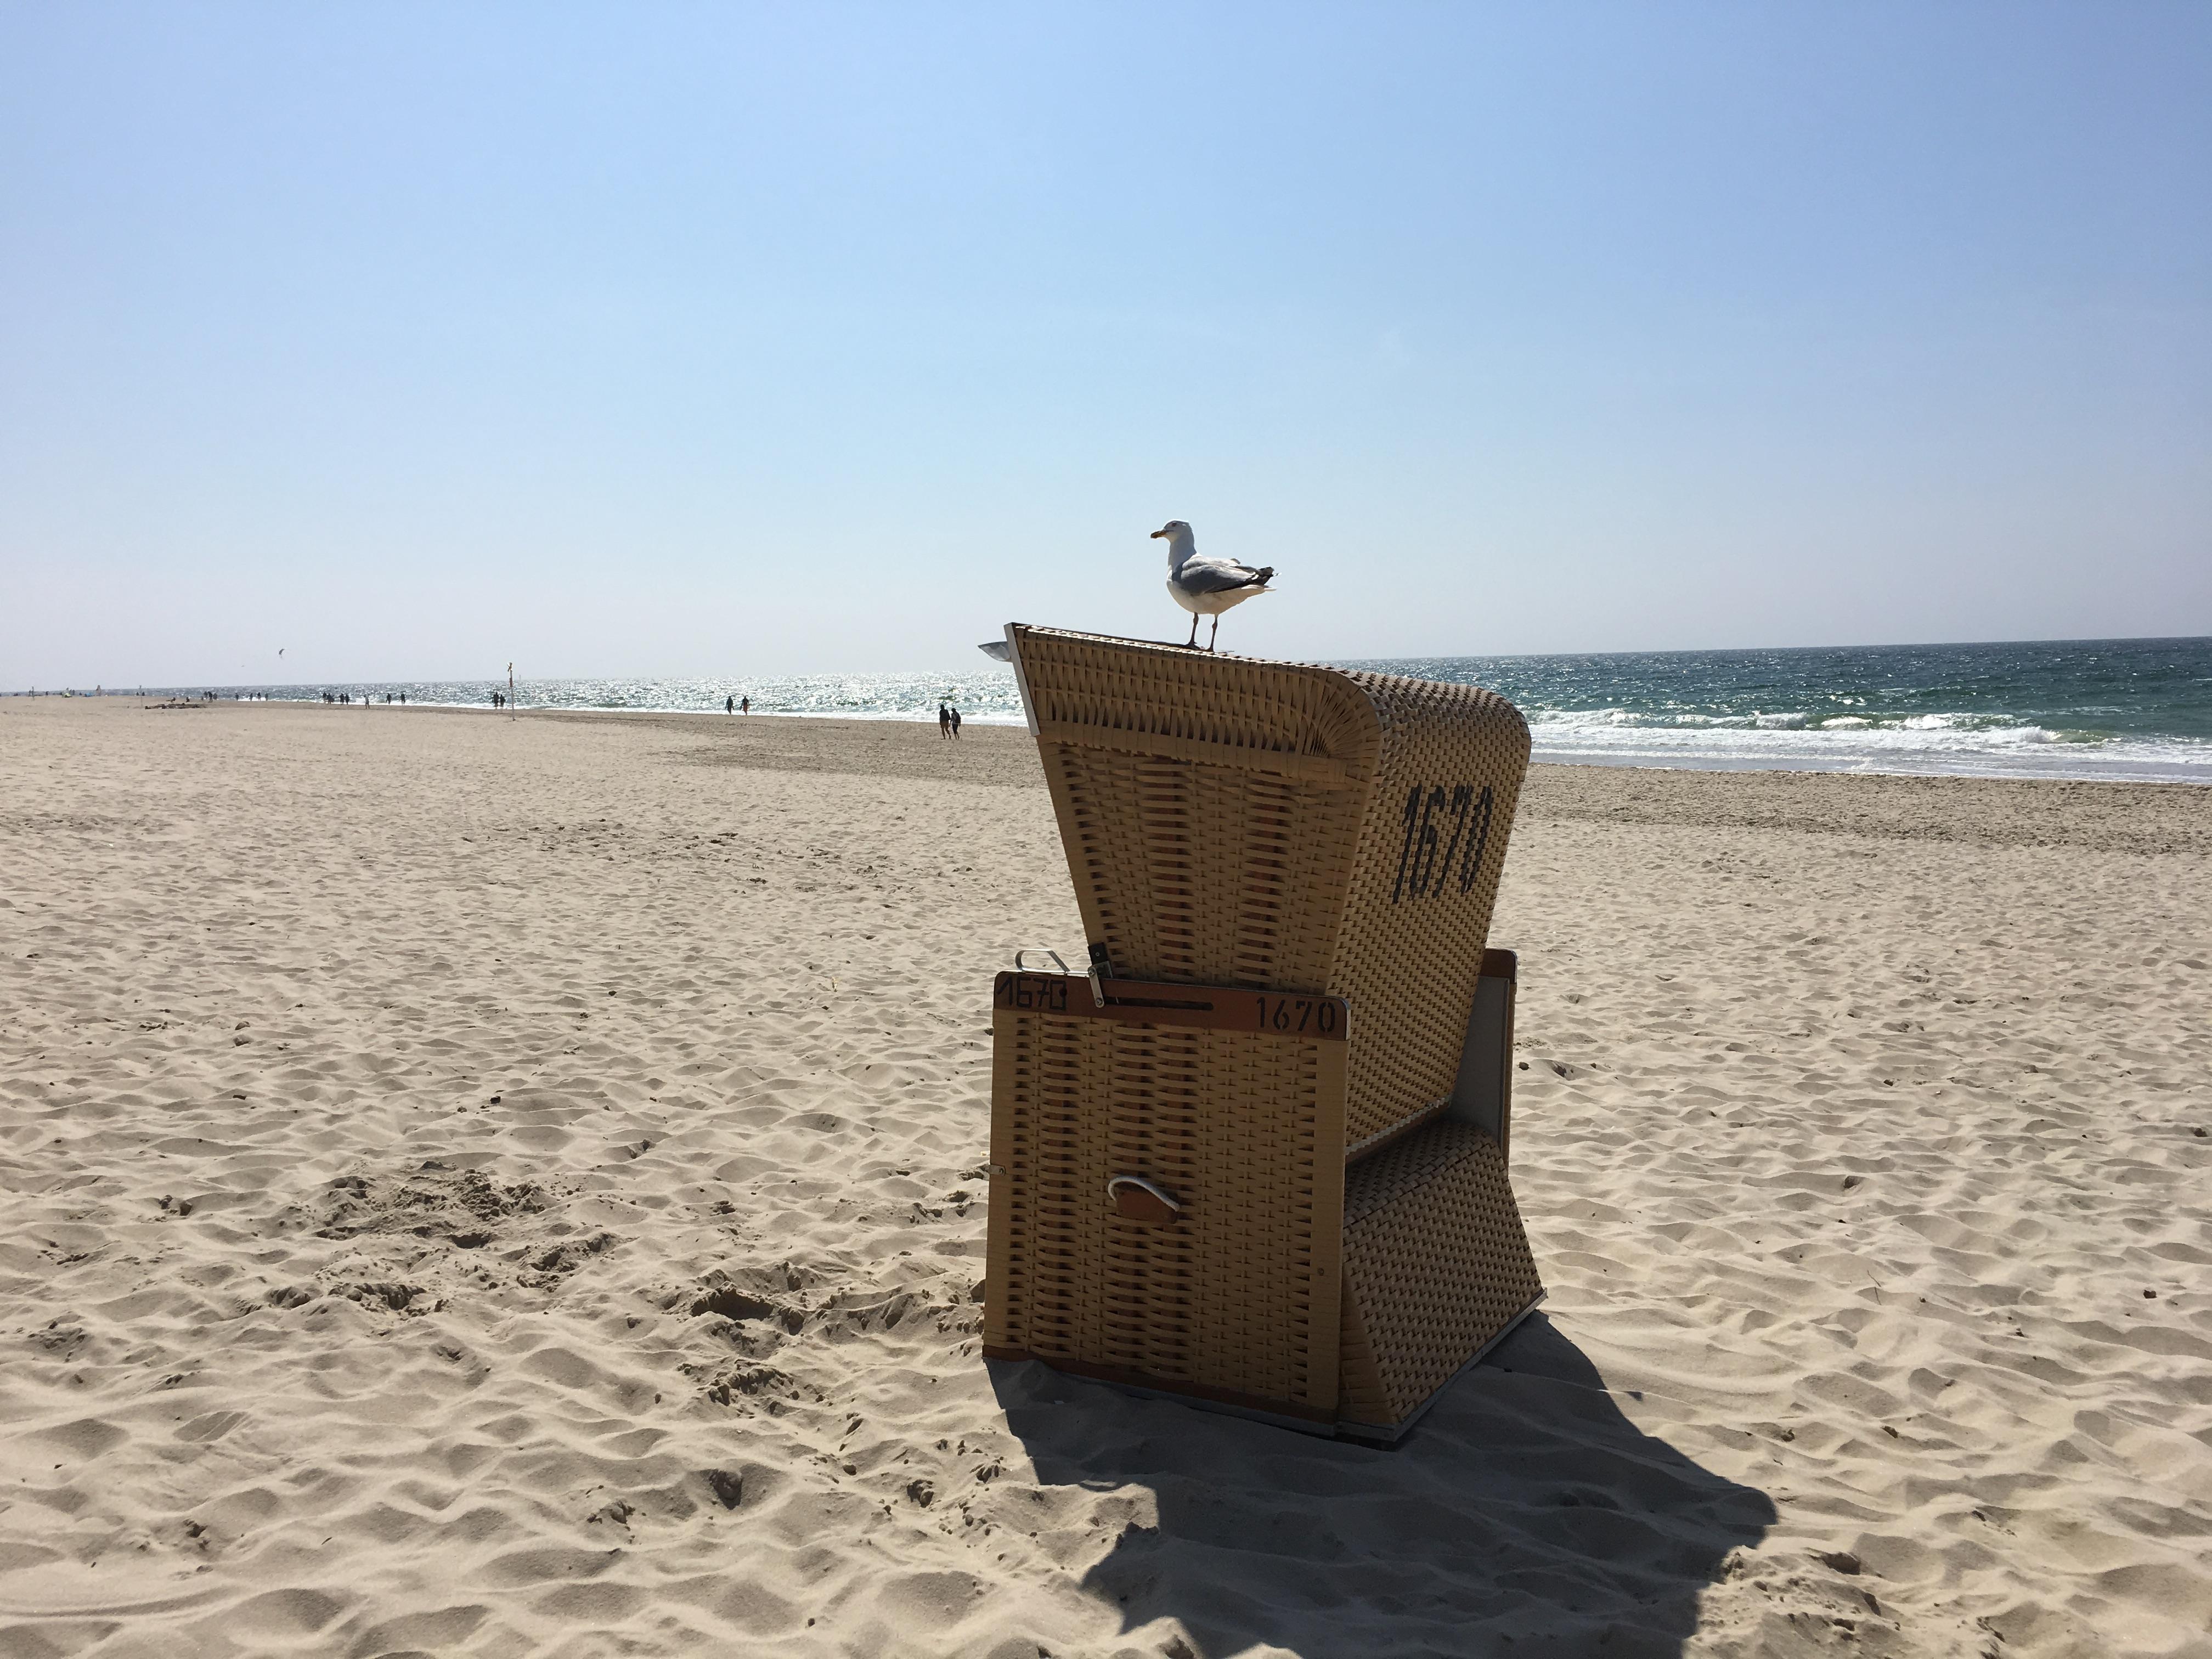 Strandkorb mit Möve